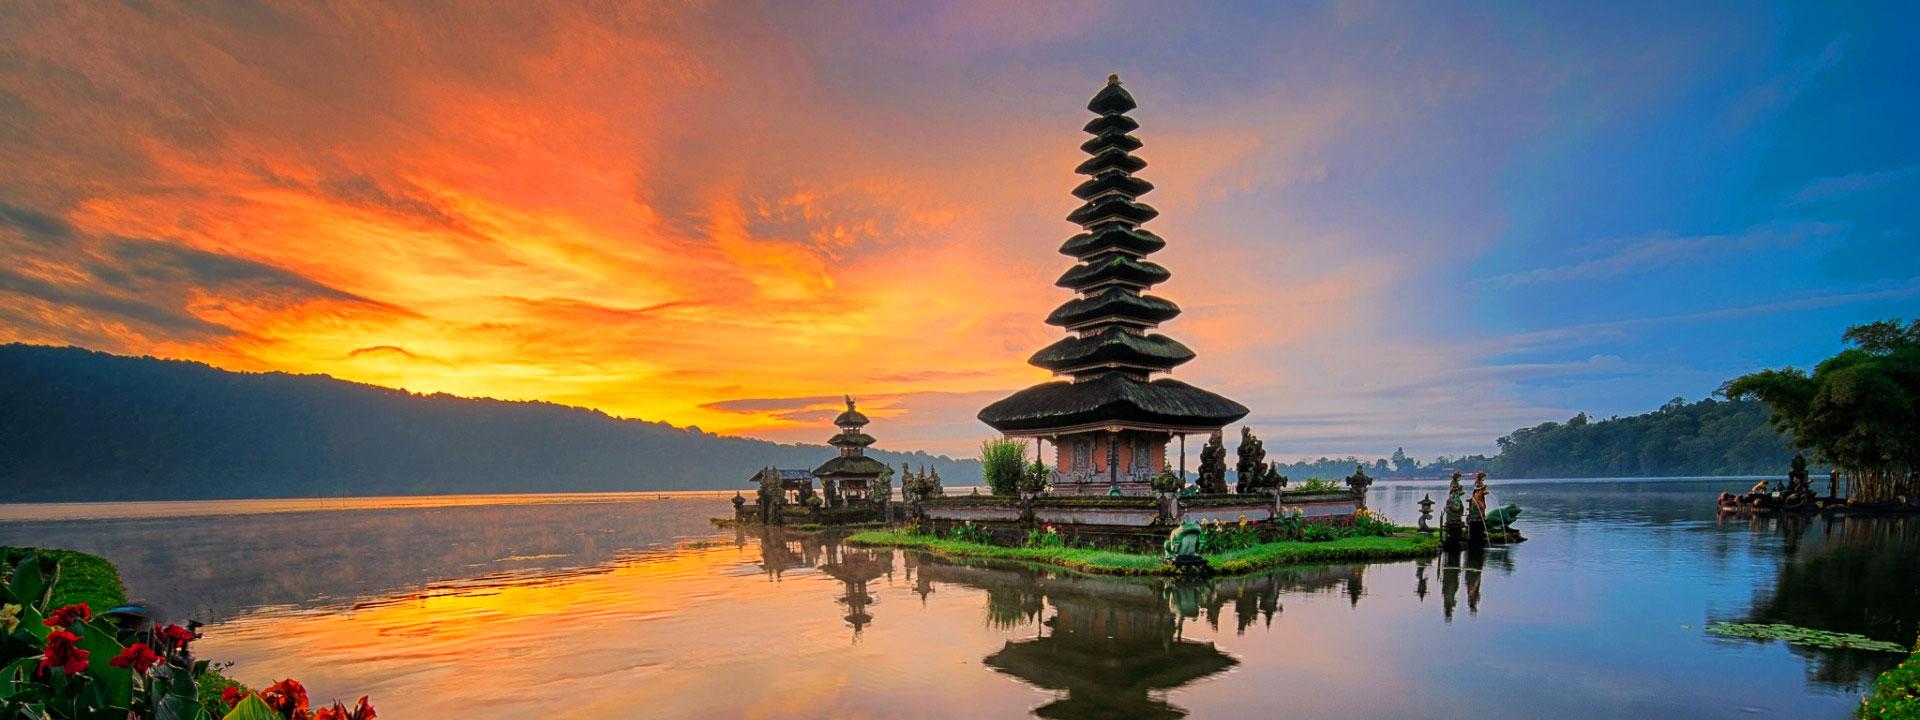 Ulundanu Temple Bali